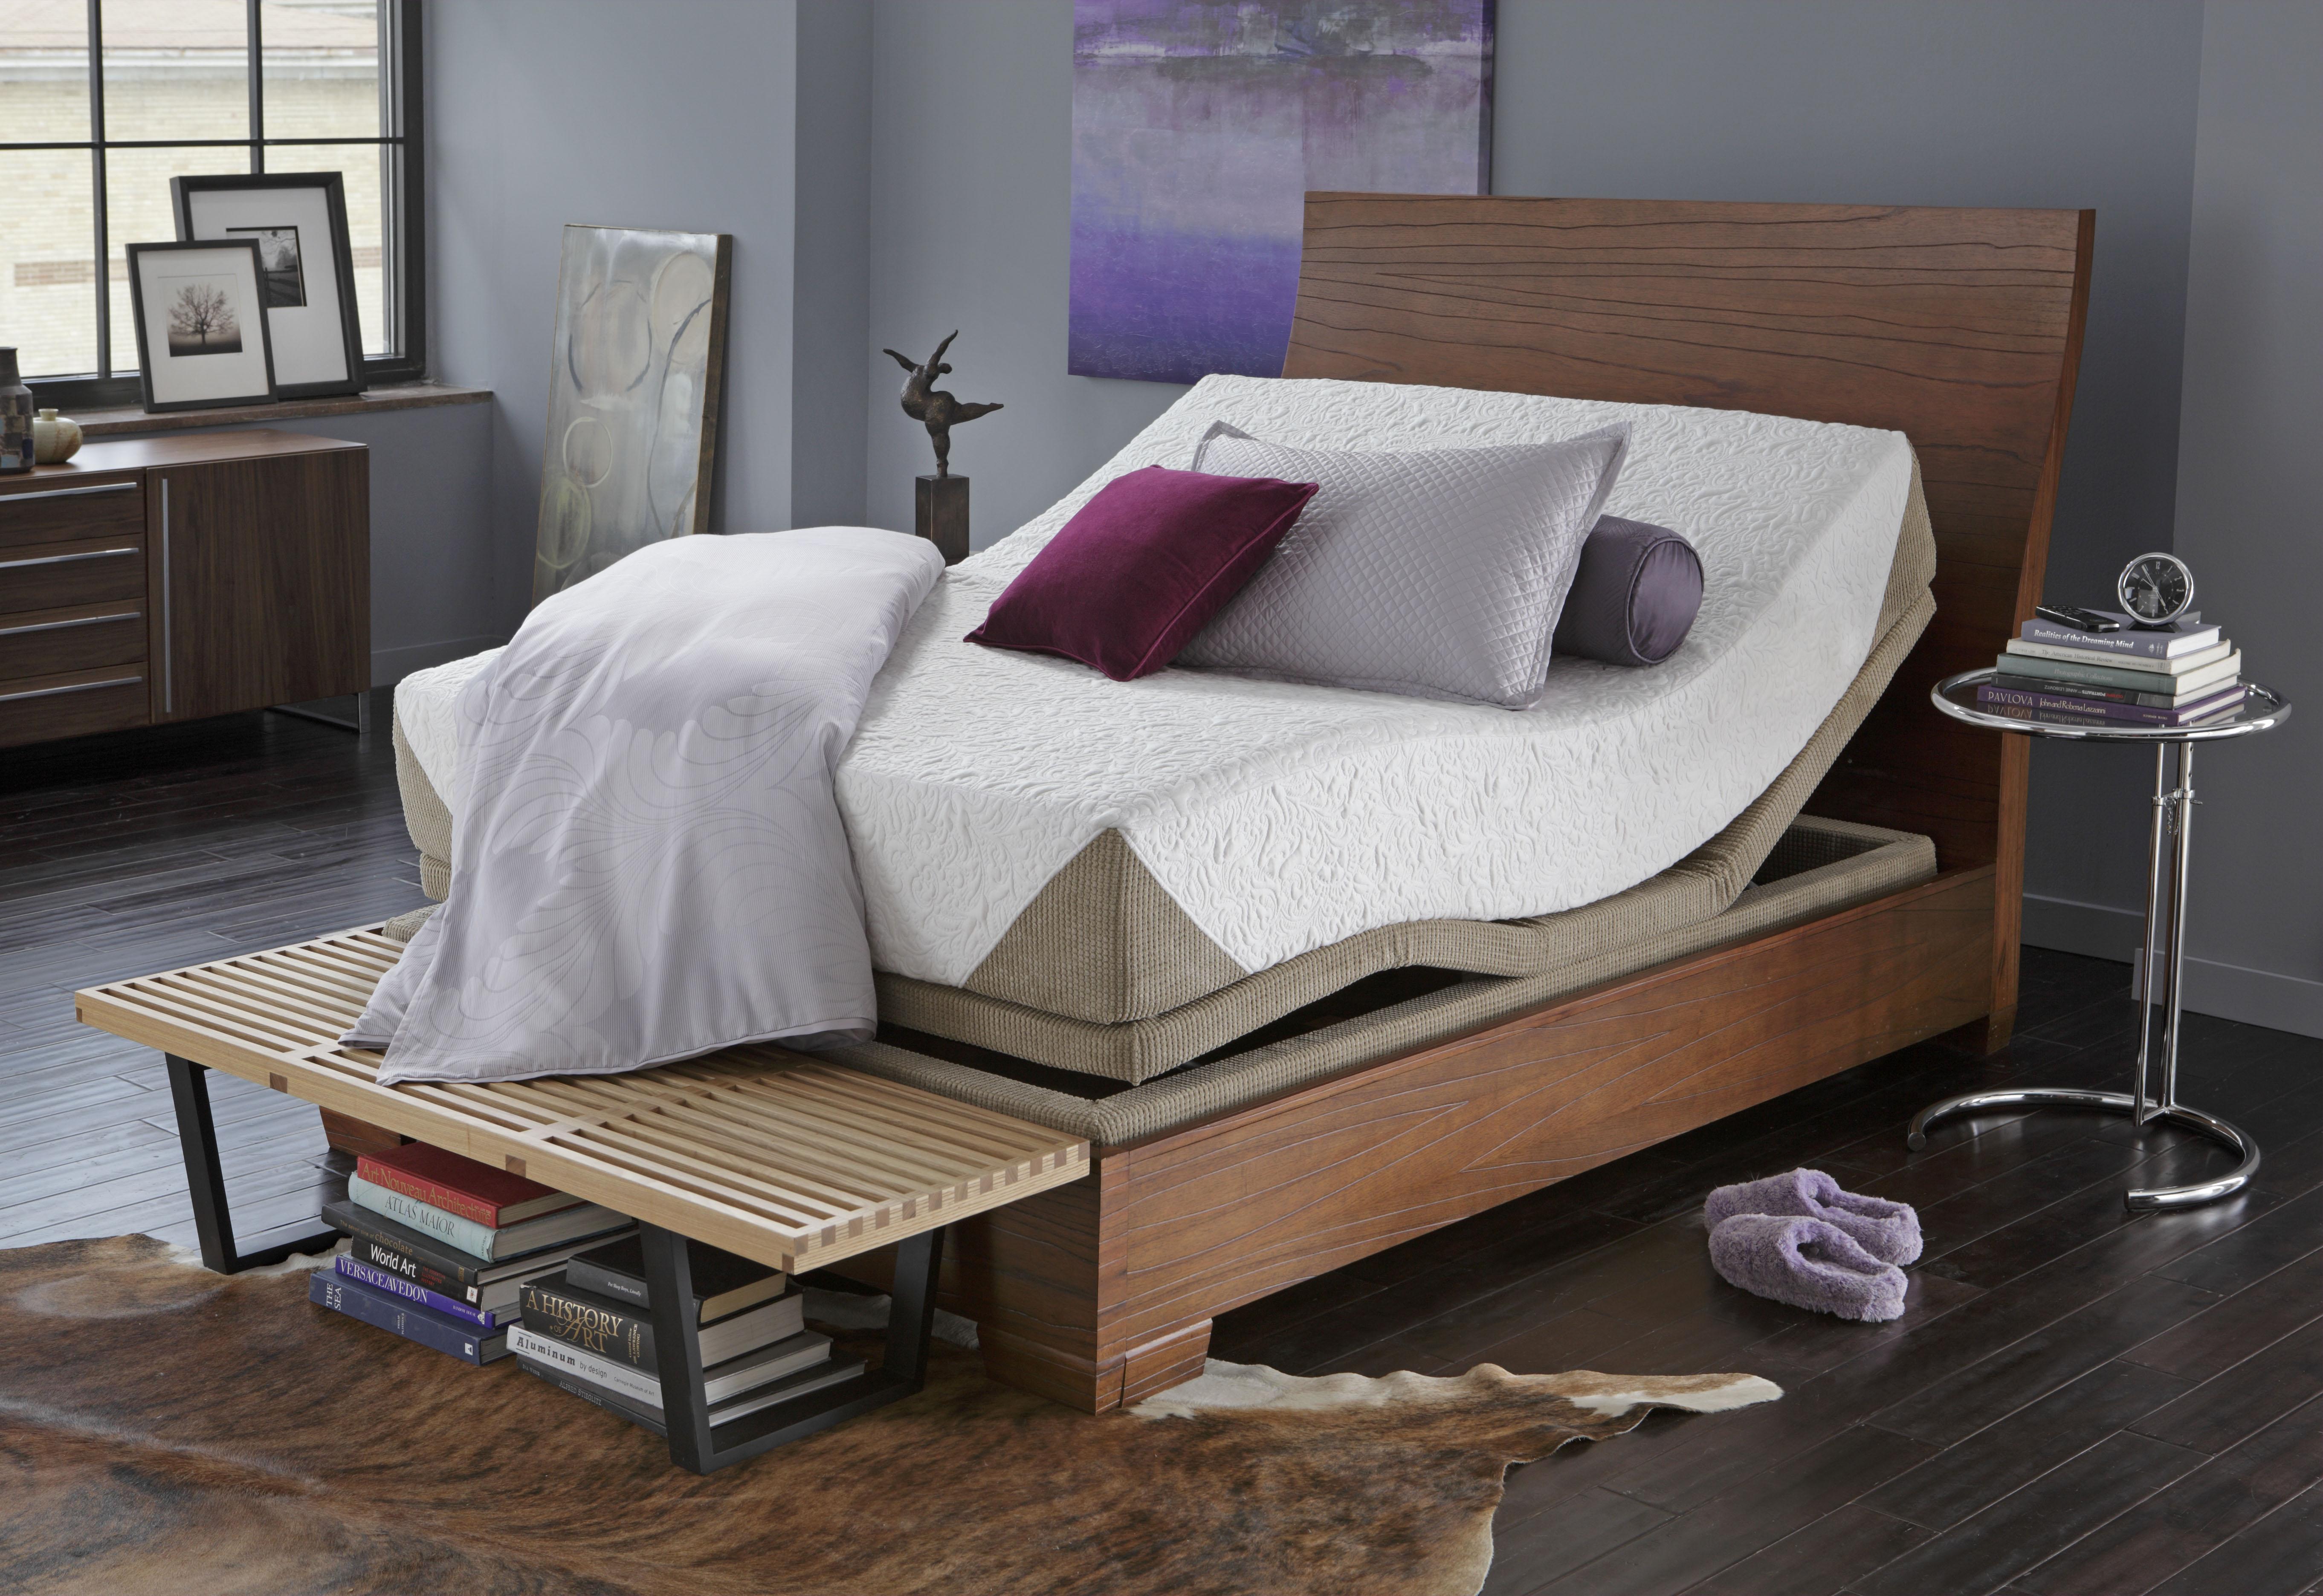 reviews baby wayfair glow kids nightstar serta mattresses crib pdx mattress toddler